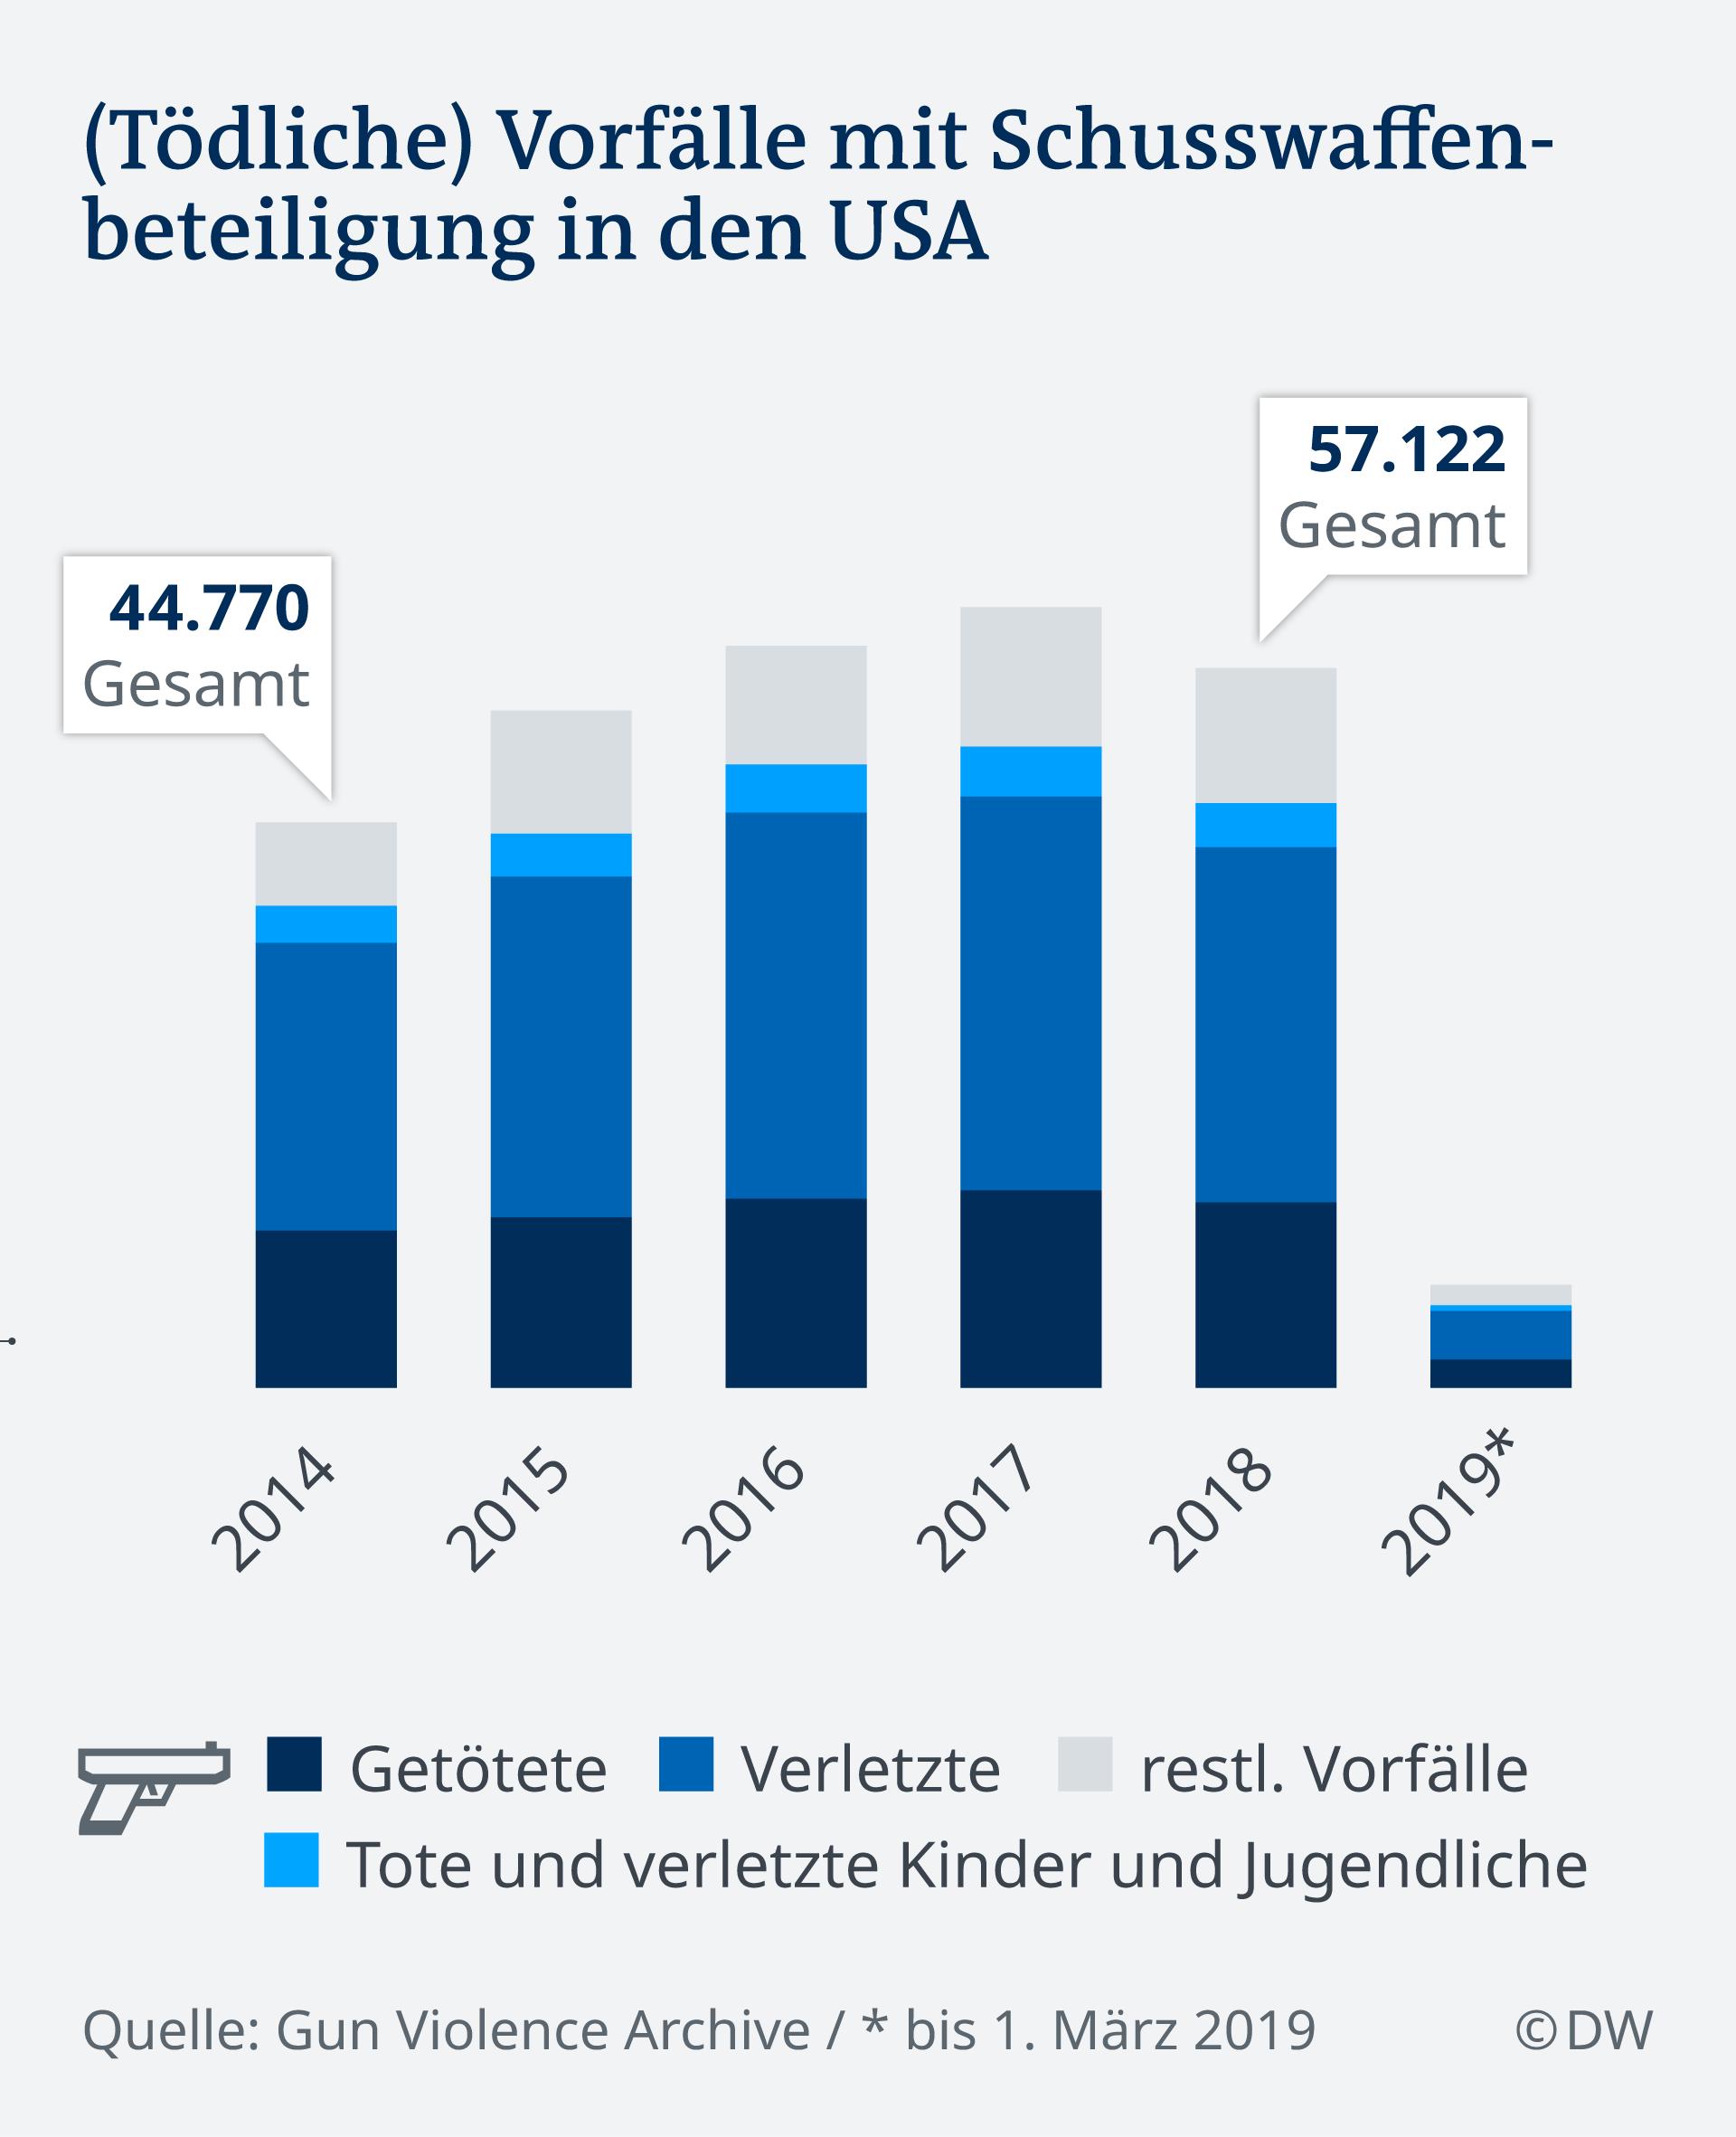 Infografik (Tödliche) Vorfälle mit Schusswaffenbeteiligung in den USA DE